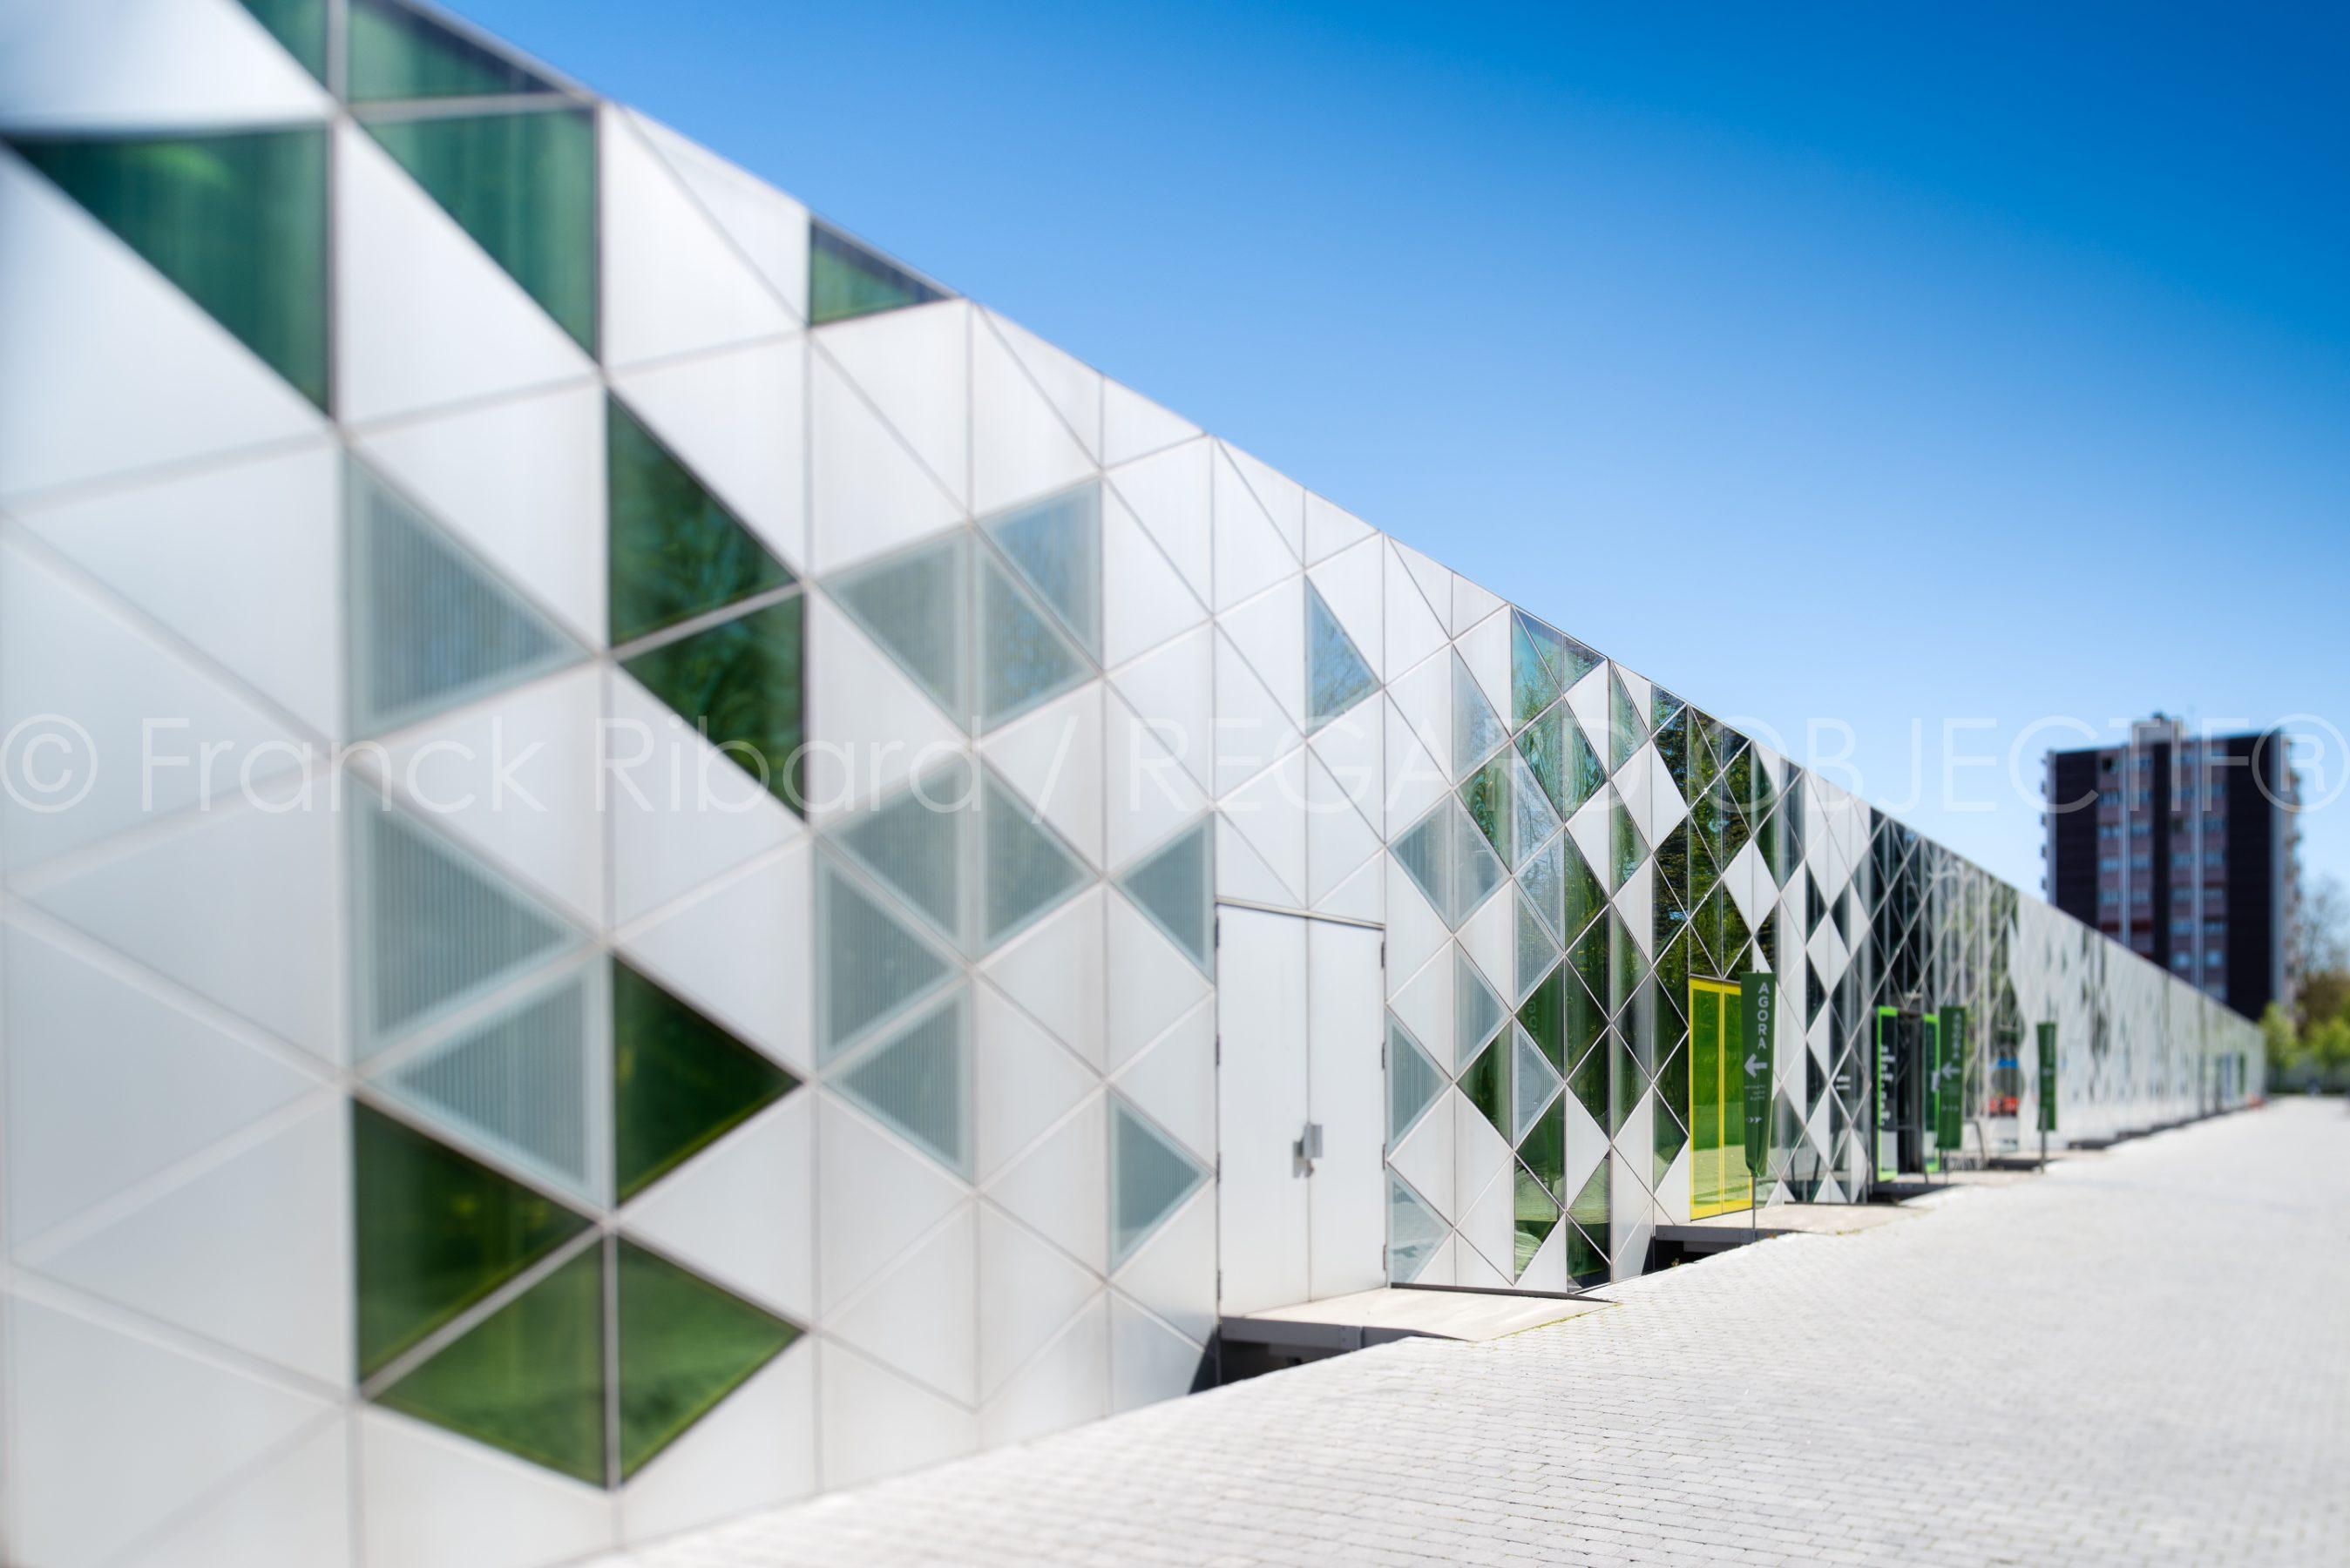 photographie de franck ribard - regard objectif - photographe architecture lyon - la cite du design Saint Etienne